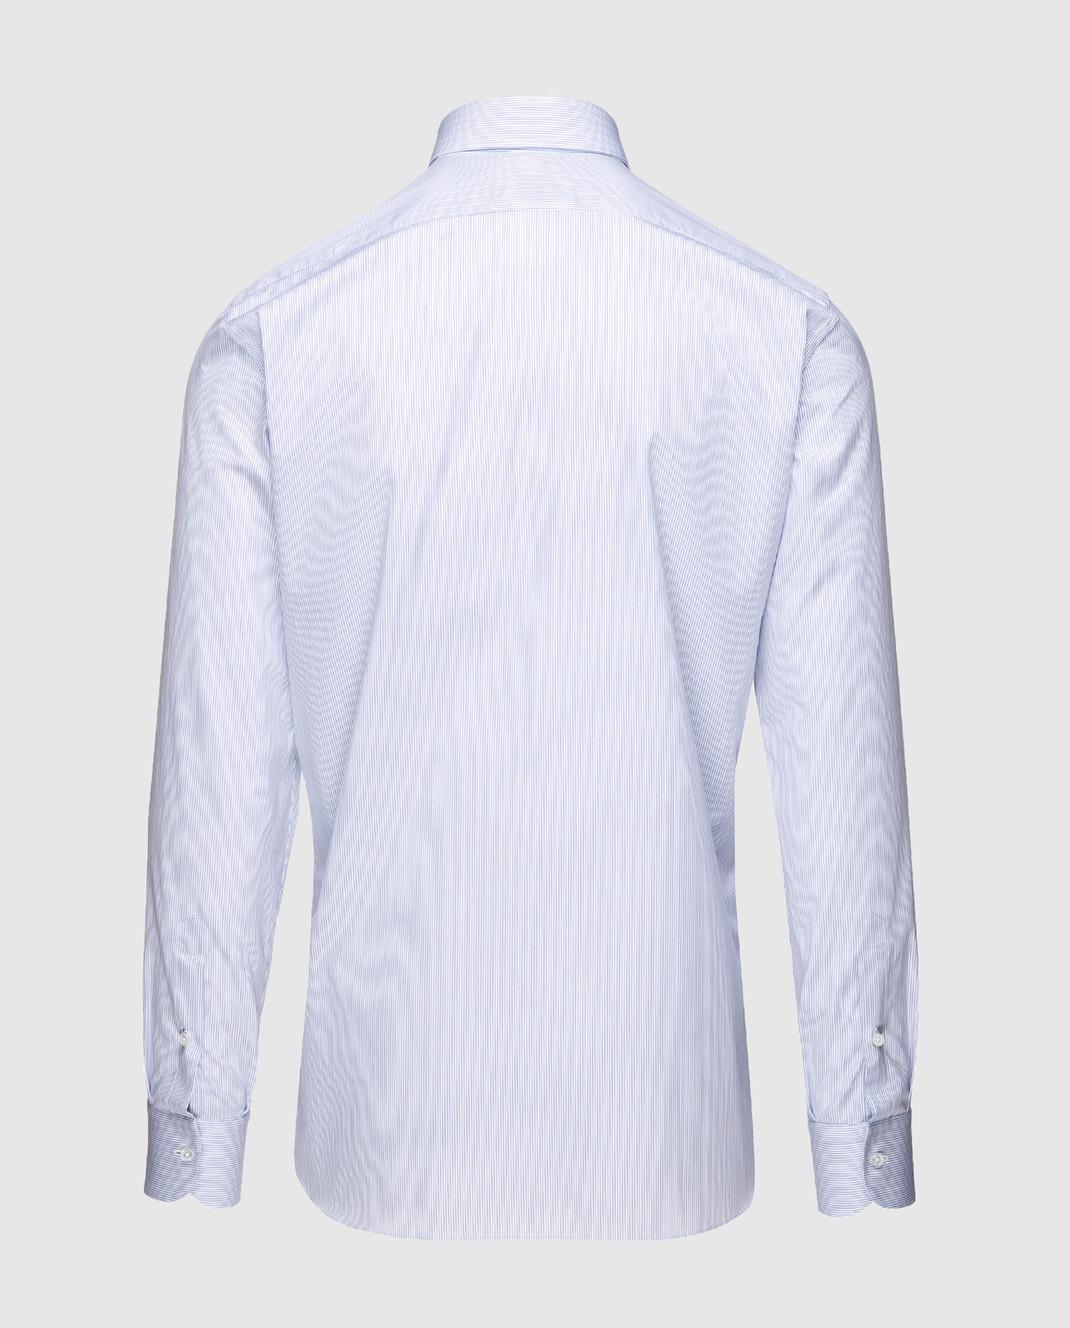 Marol Голубая рубашка 9808 изображение 2